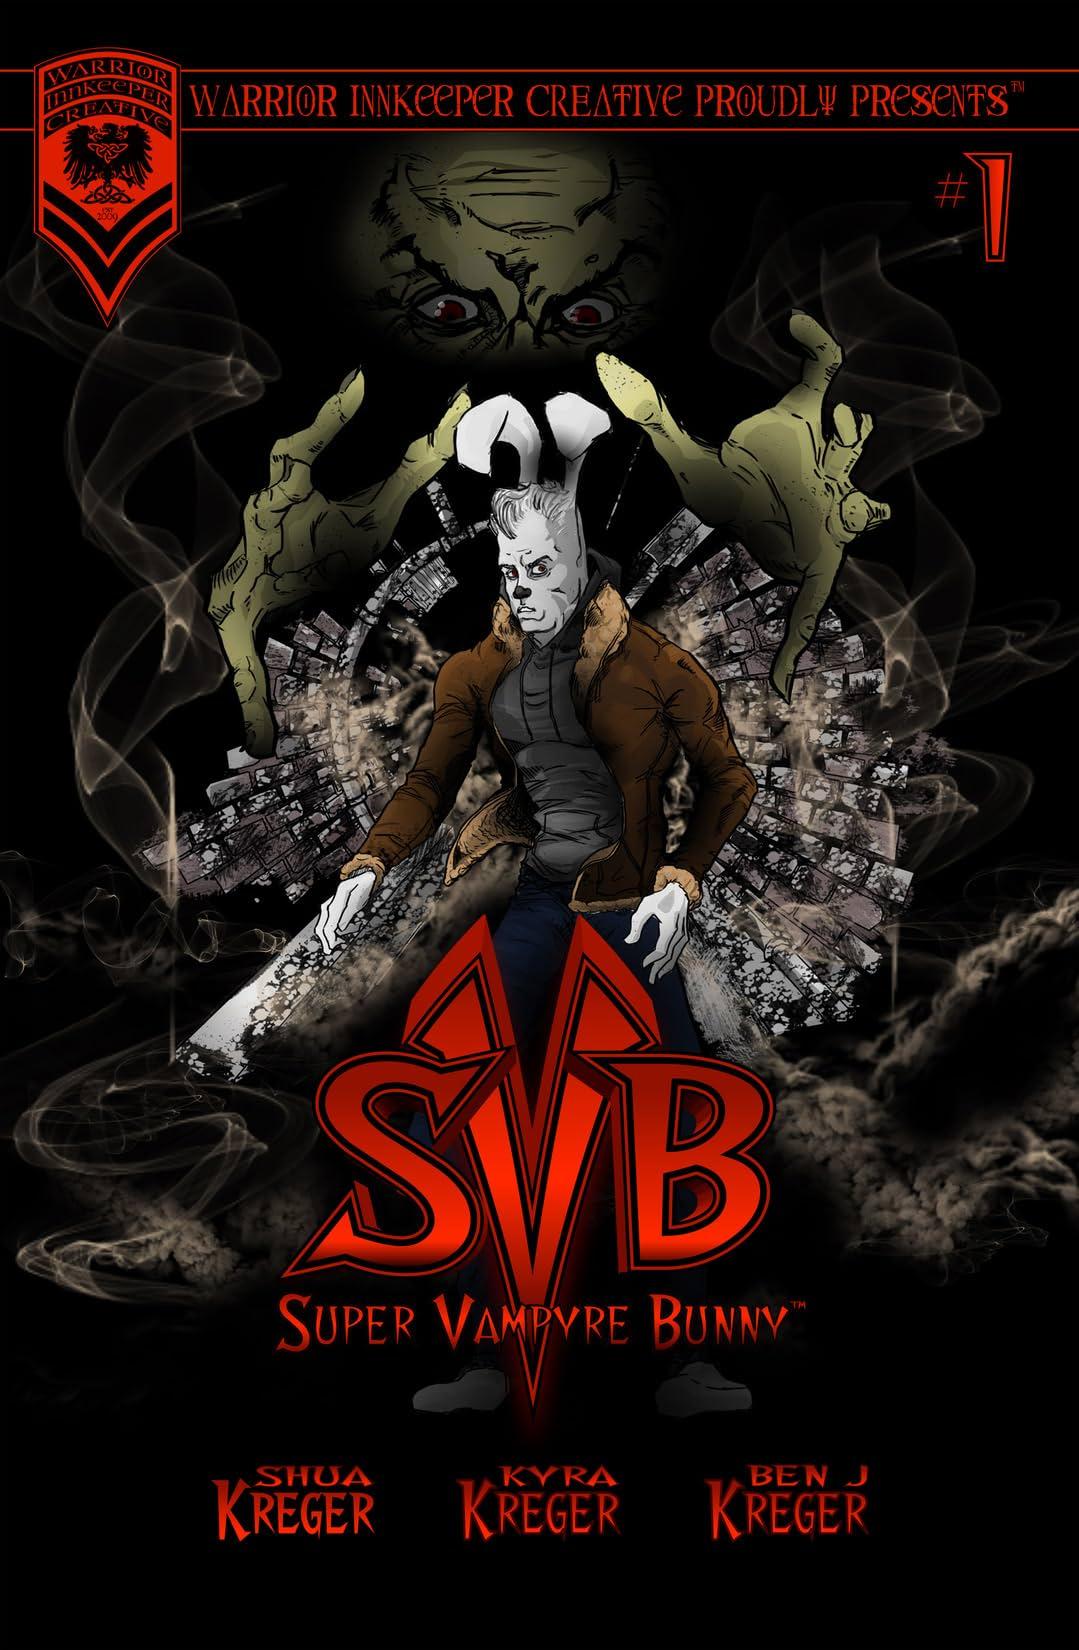 SVB: Super Vampyre Bunny #1